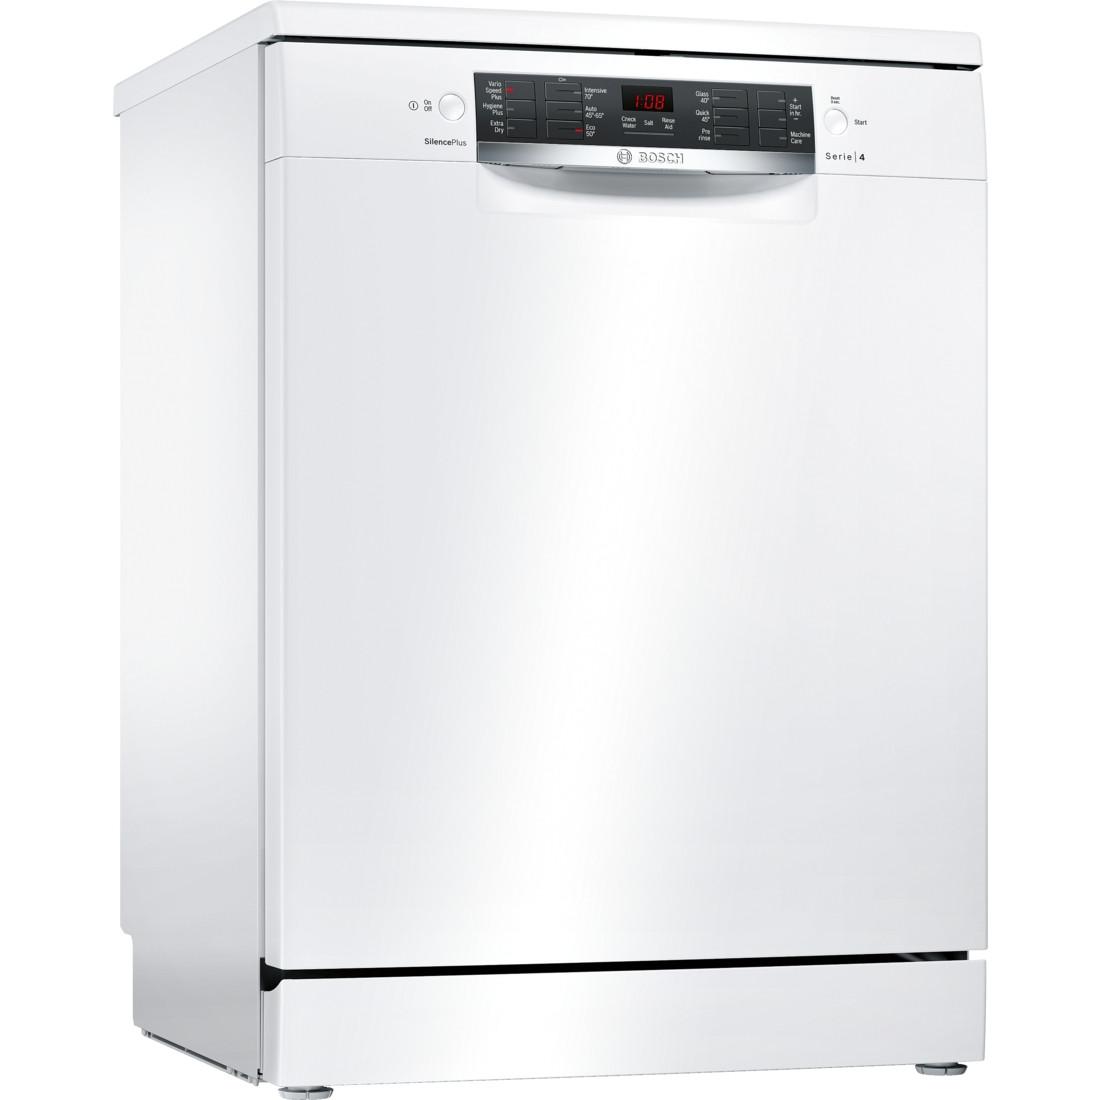 Bosch Serie 4 SMS46MW00G 60 Freestanding Dishwasher